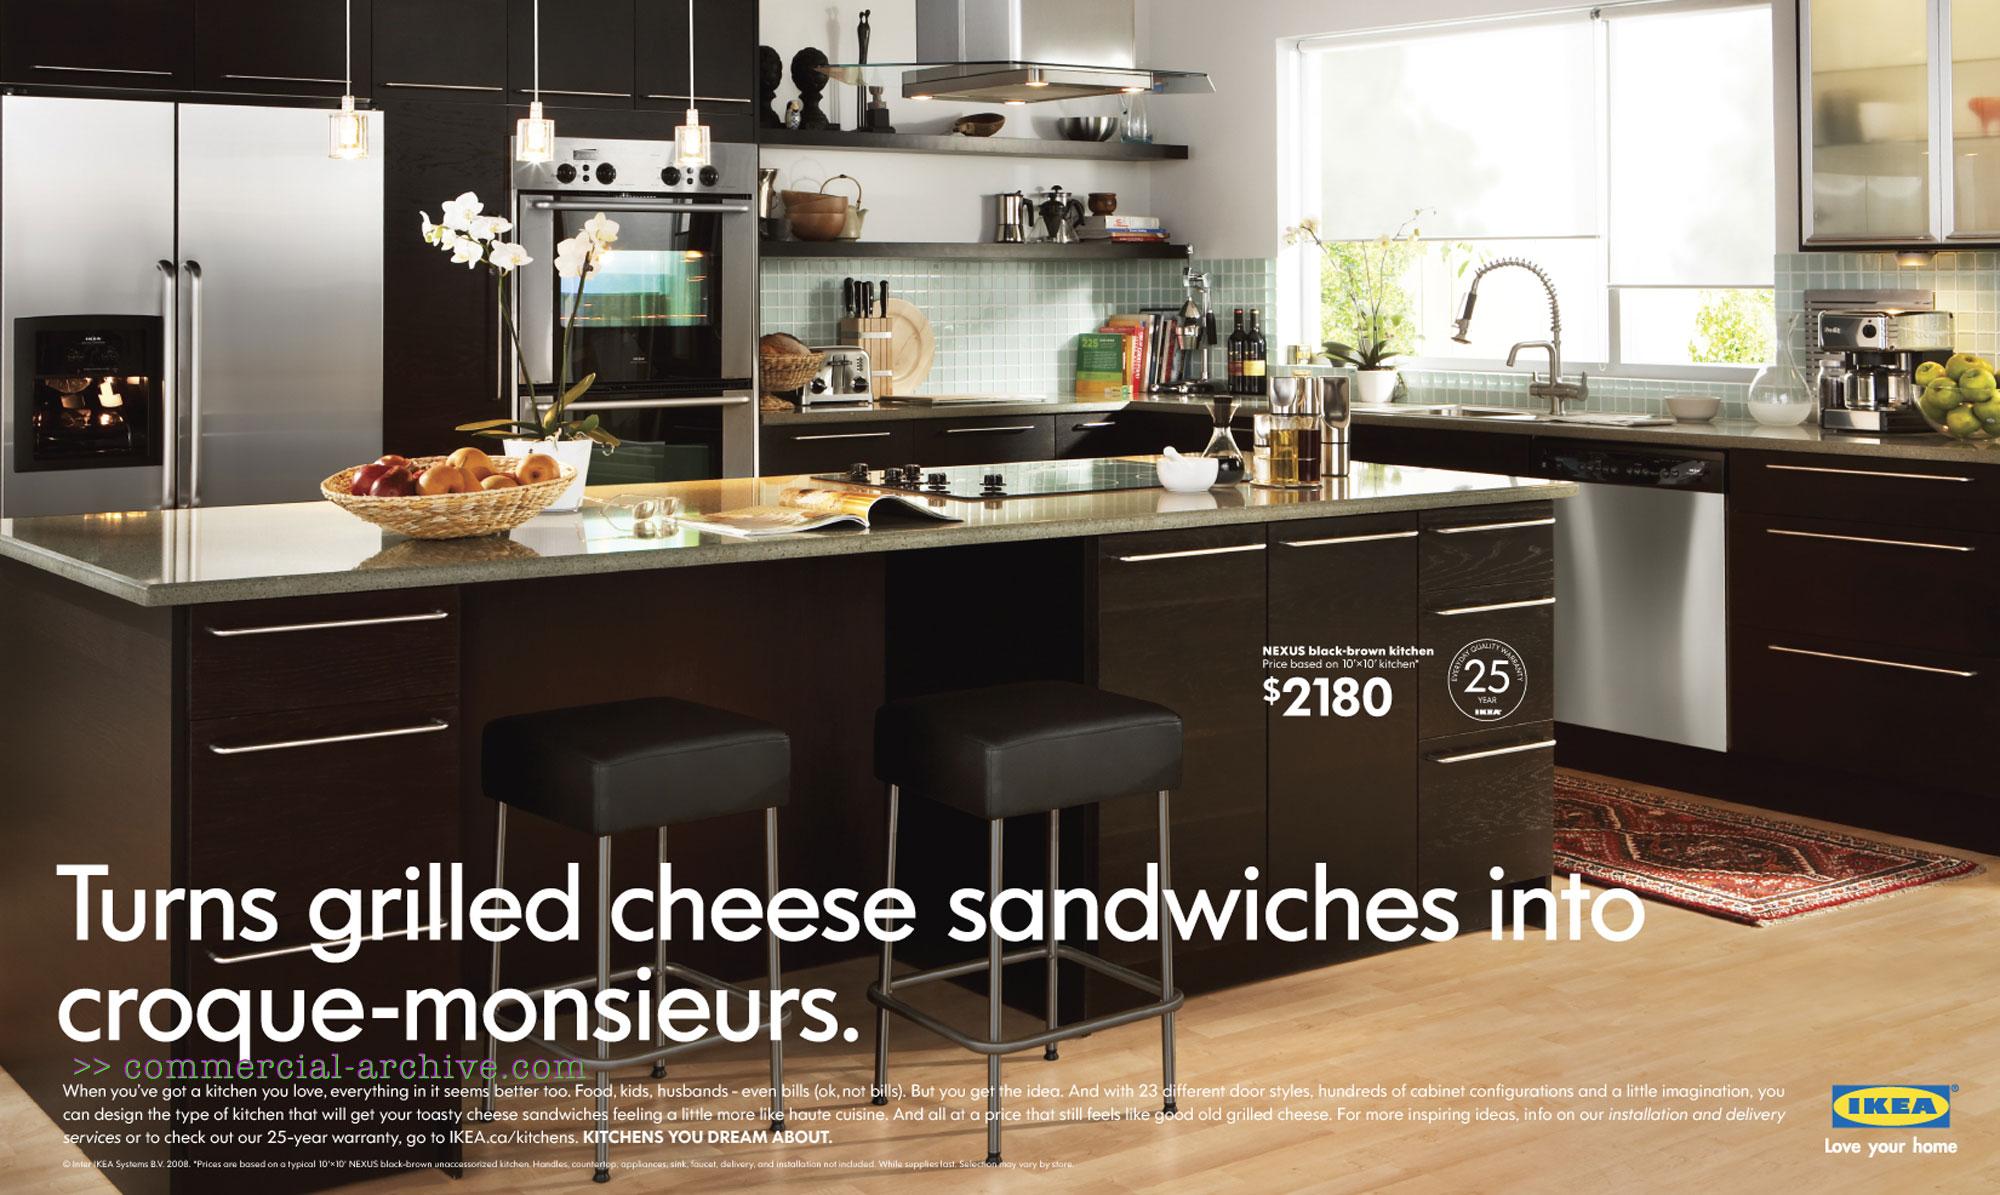 ikea kitchen ikea cabinets kitchen images courtesy of IKEA